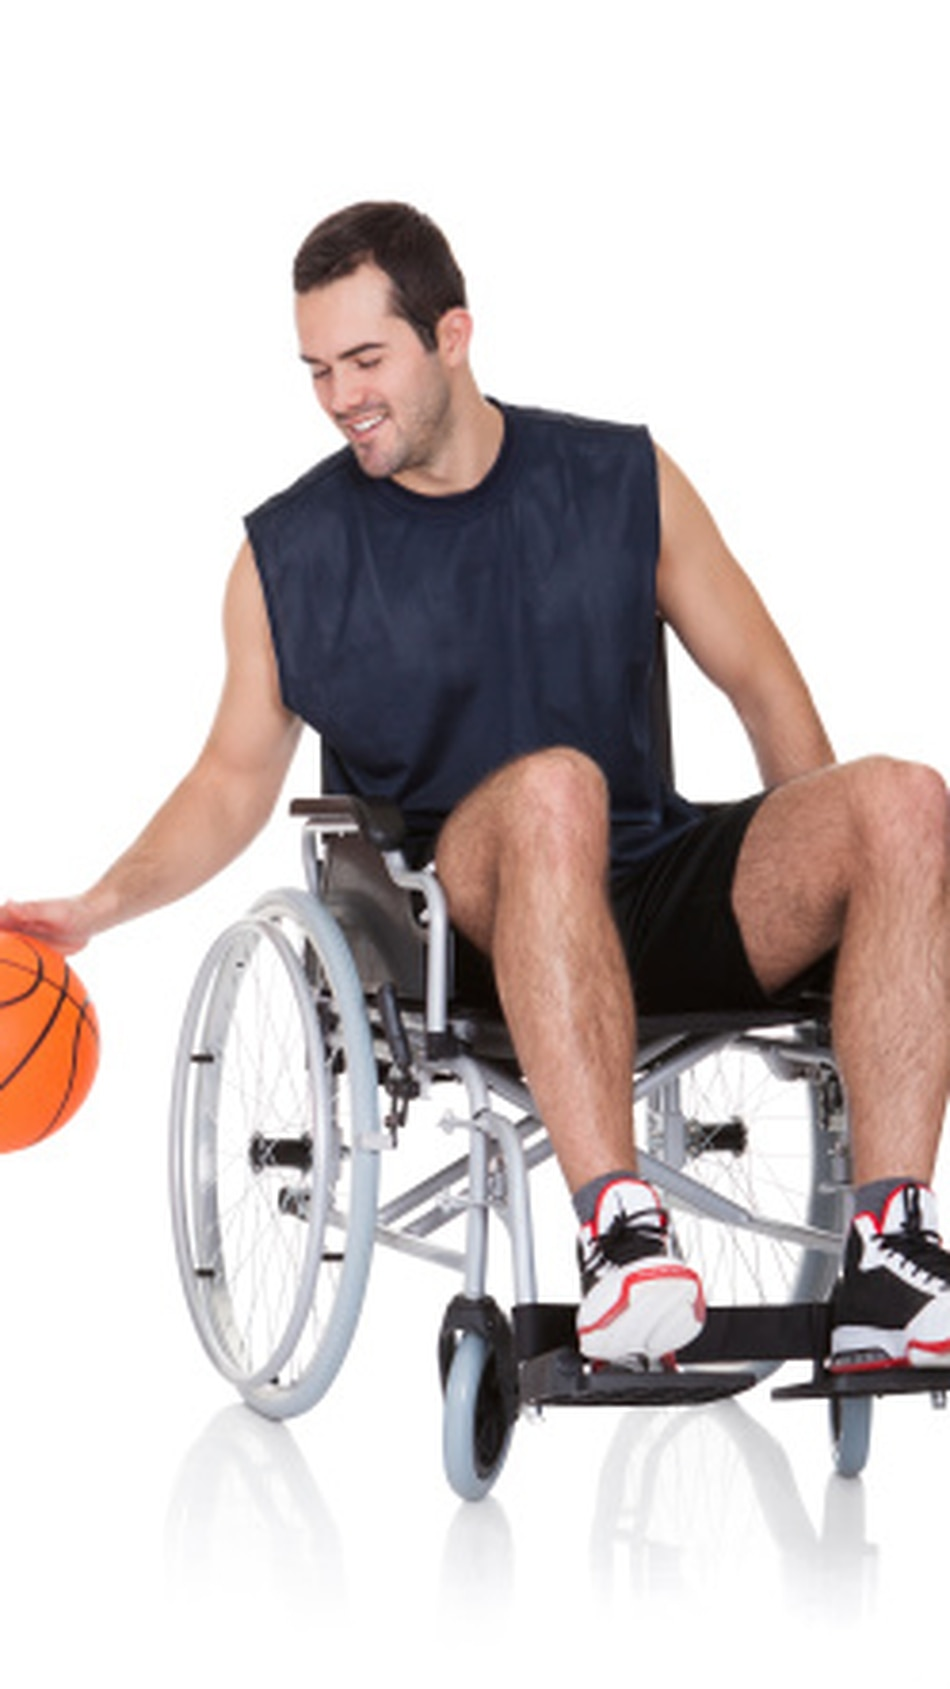 Las personas en sillas de ruedas pueden y deben tener una